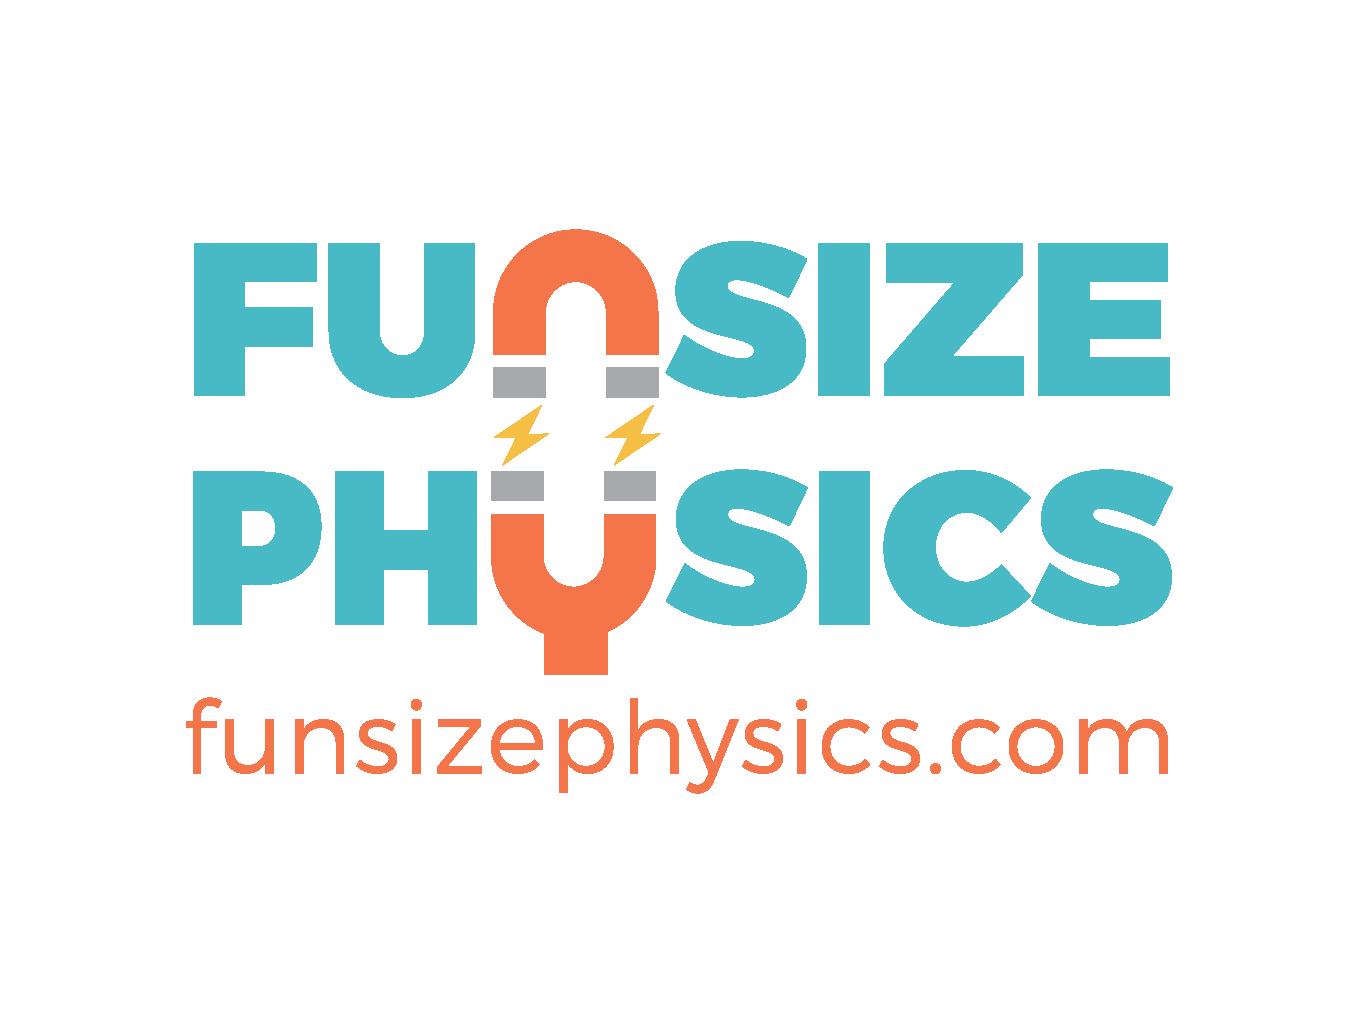 FSP_logo_URL